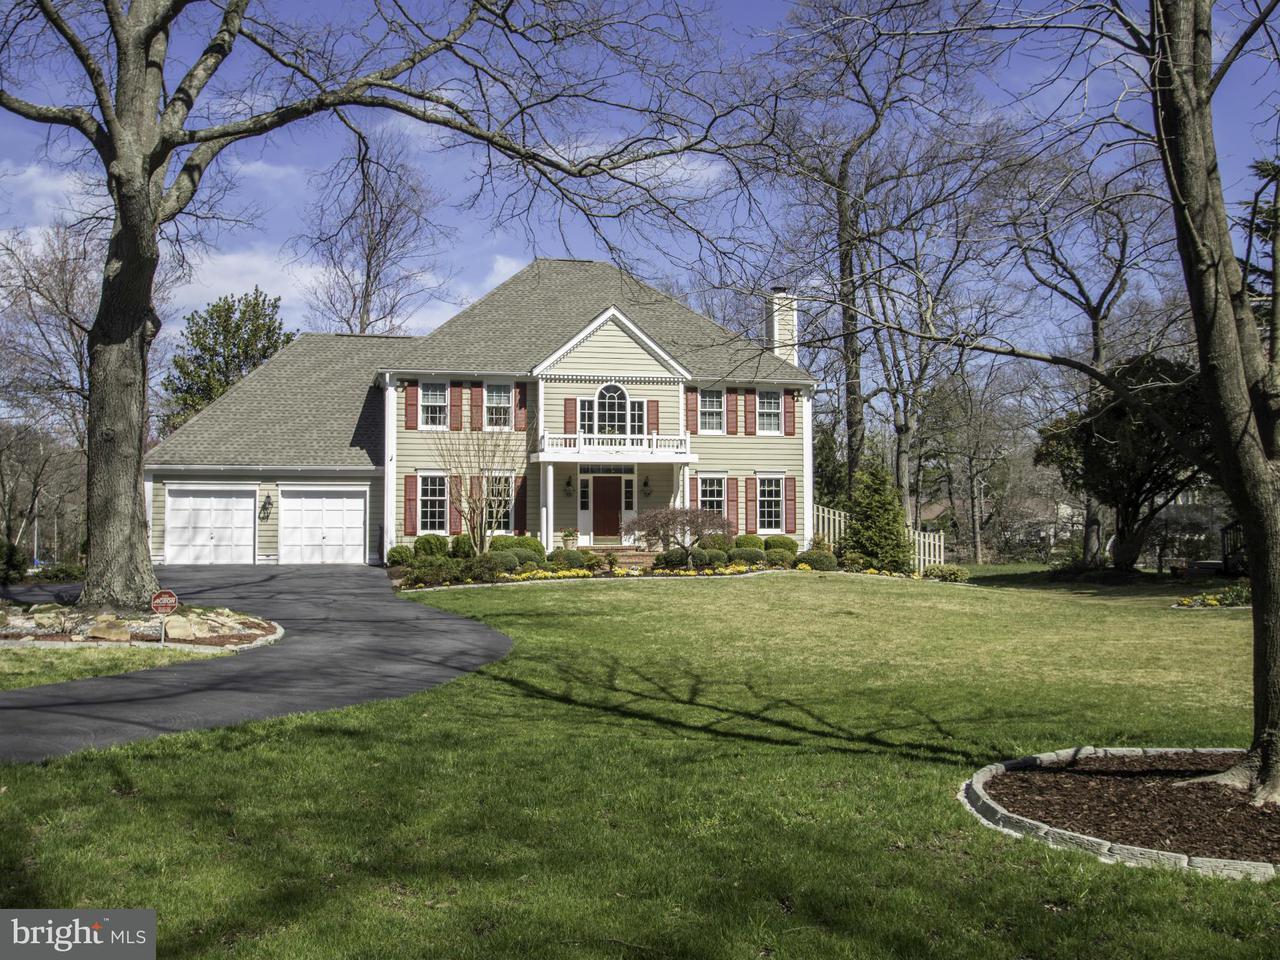 獨棟家庭住宅 為 出售 在 225 Winter Crest Lane 225 Winter Crest Lane Severna Park, 馬里蘭州 21146 美國